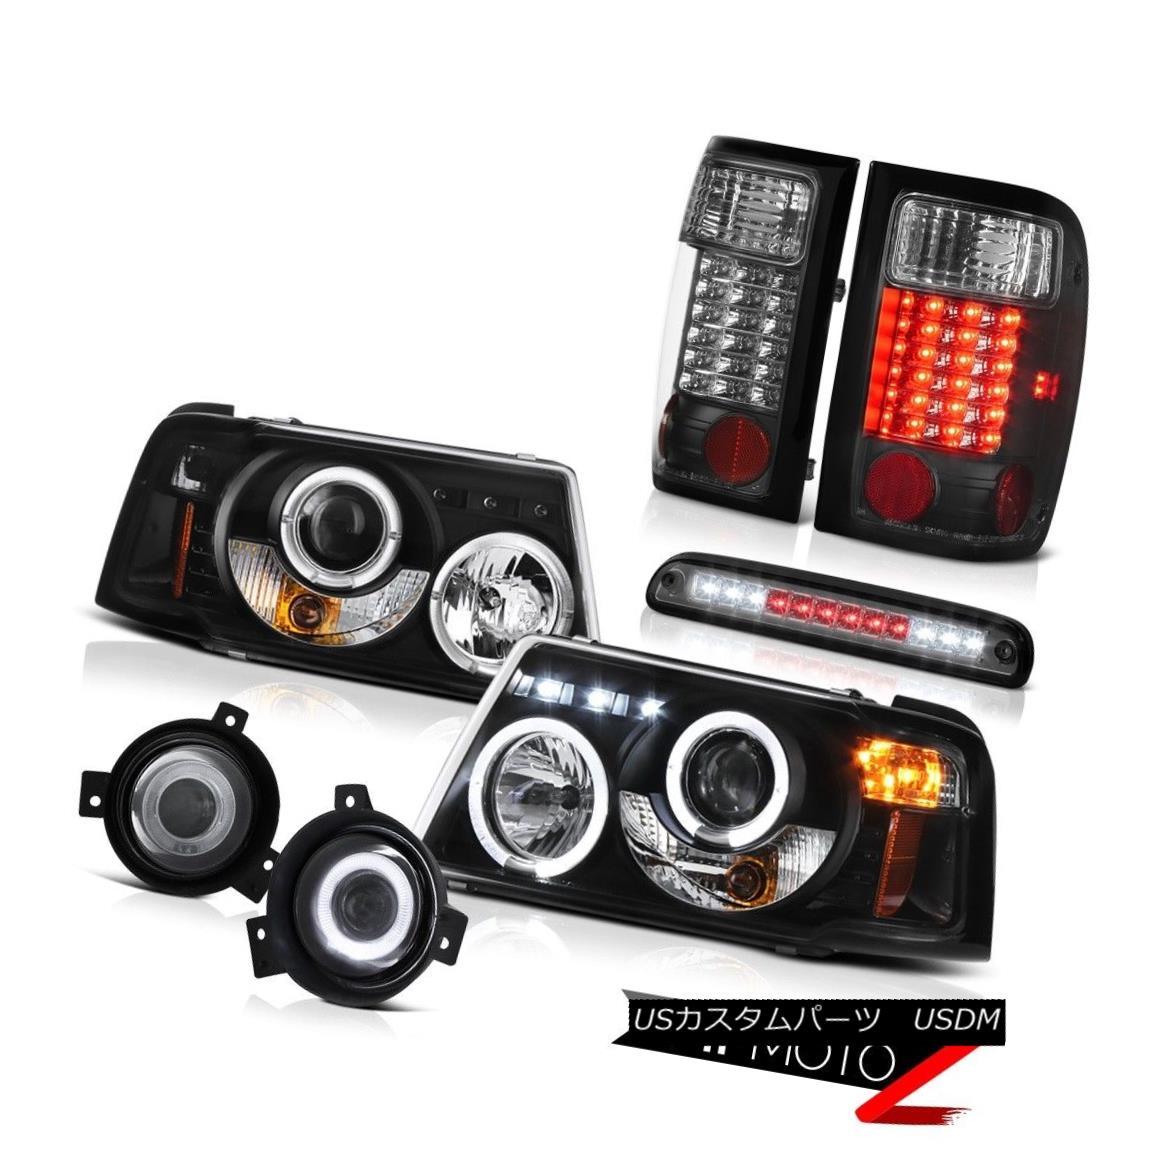 ヘッドライト 01-03 Ranger 2.3L Dual Rim Headlight Brake LED Light Chrome Foglights High Cargo 01-03レンジャー2.3LデュアルリムヘッドライトブレーキLEDライトクロームフォグライトハイカーゴ